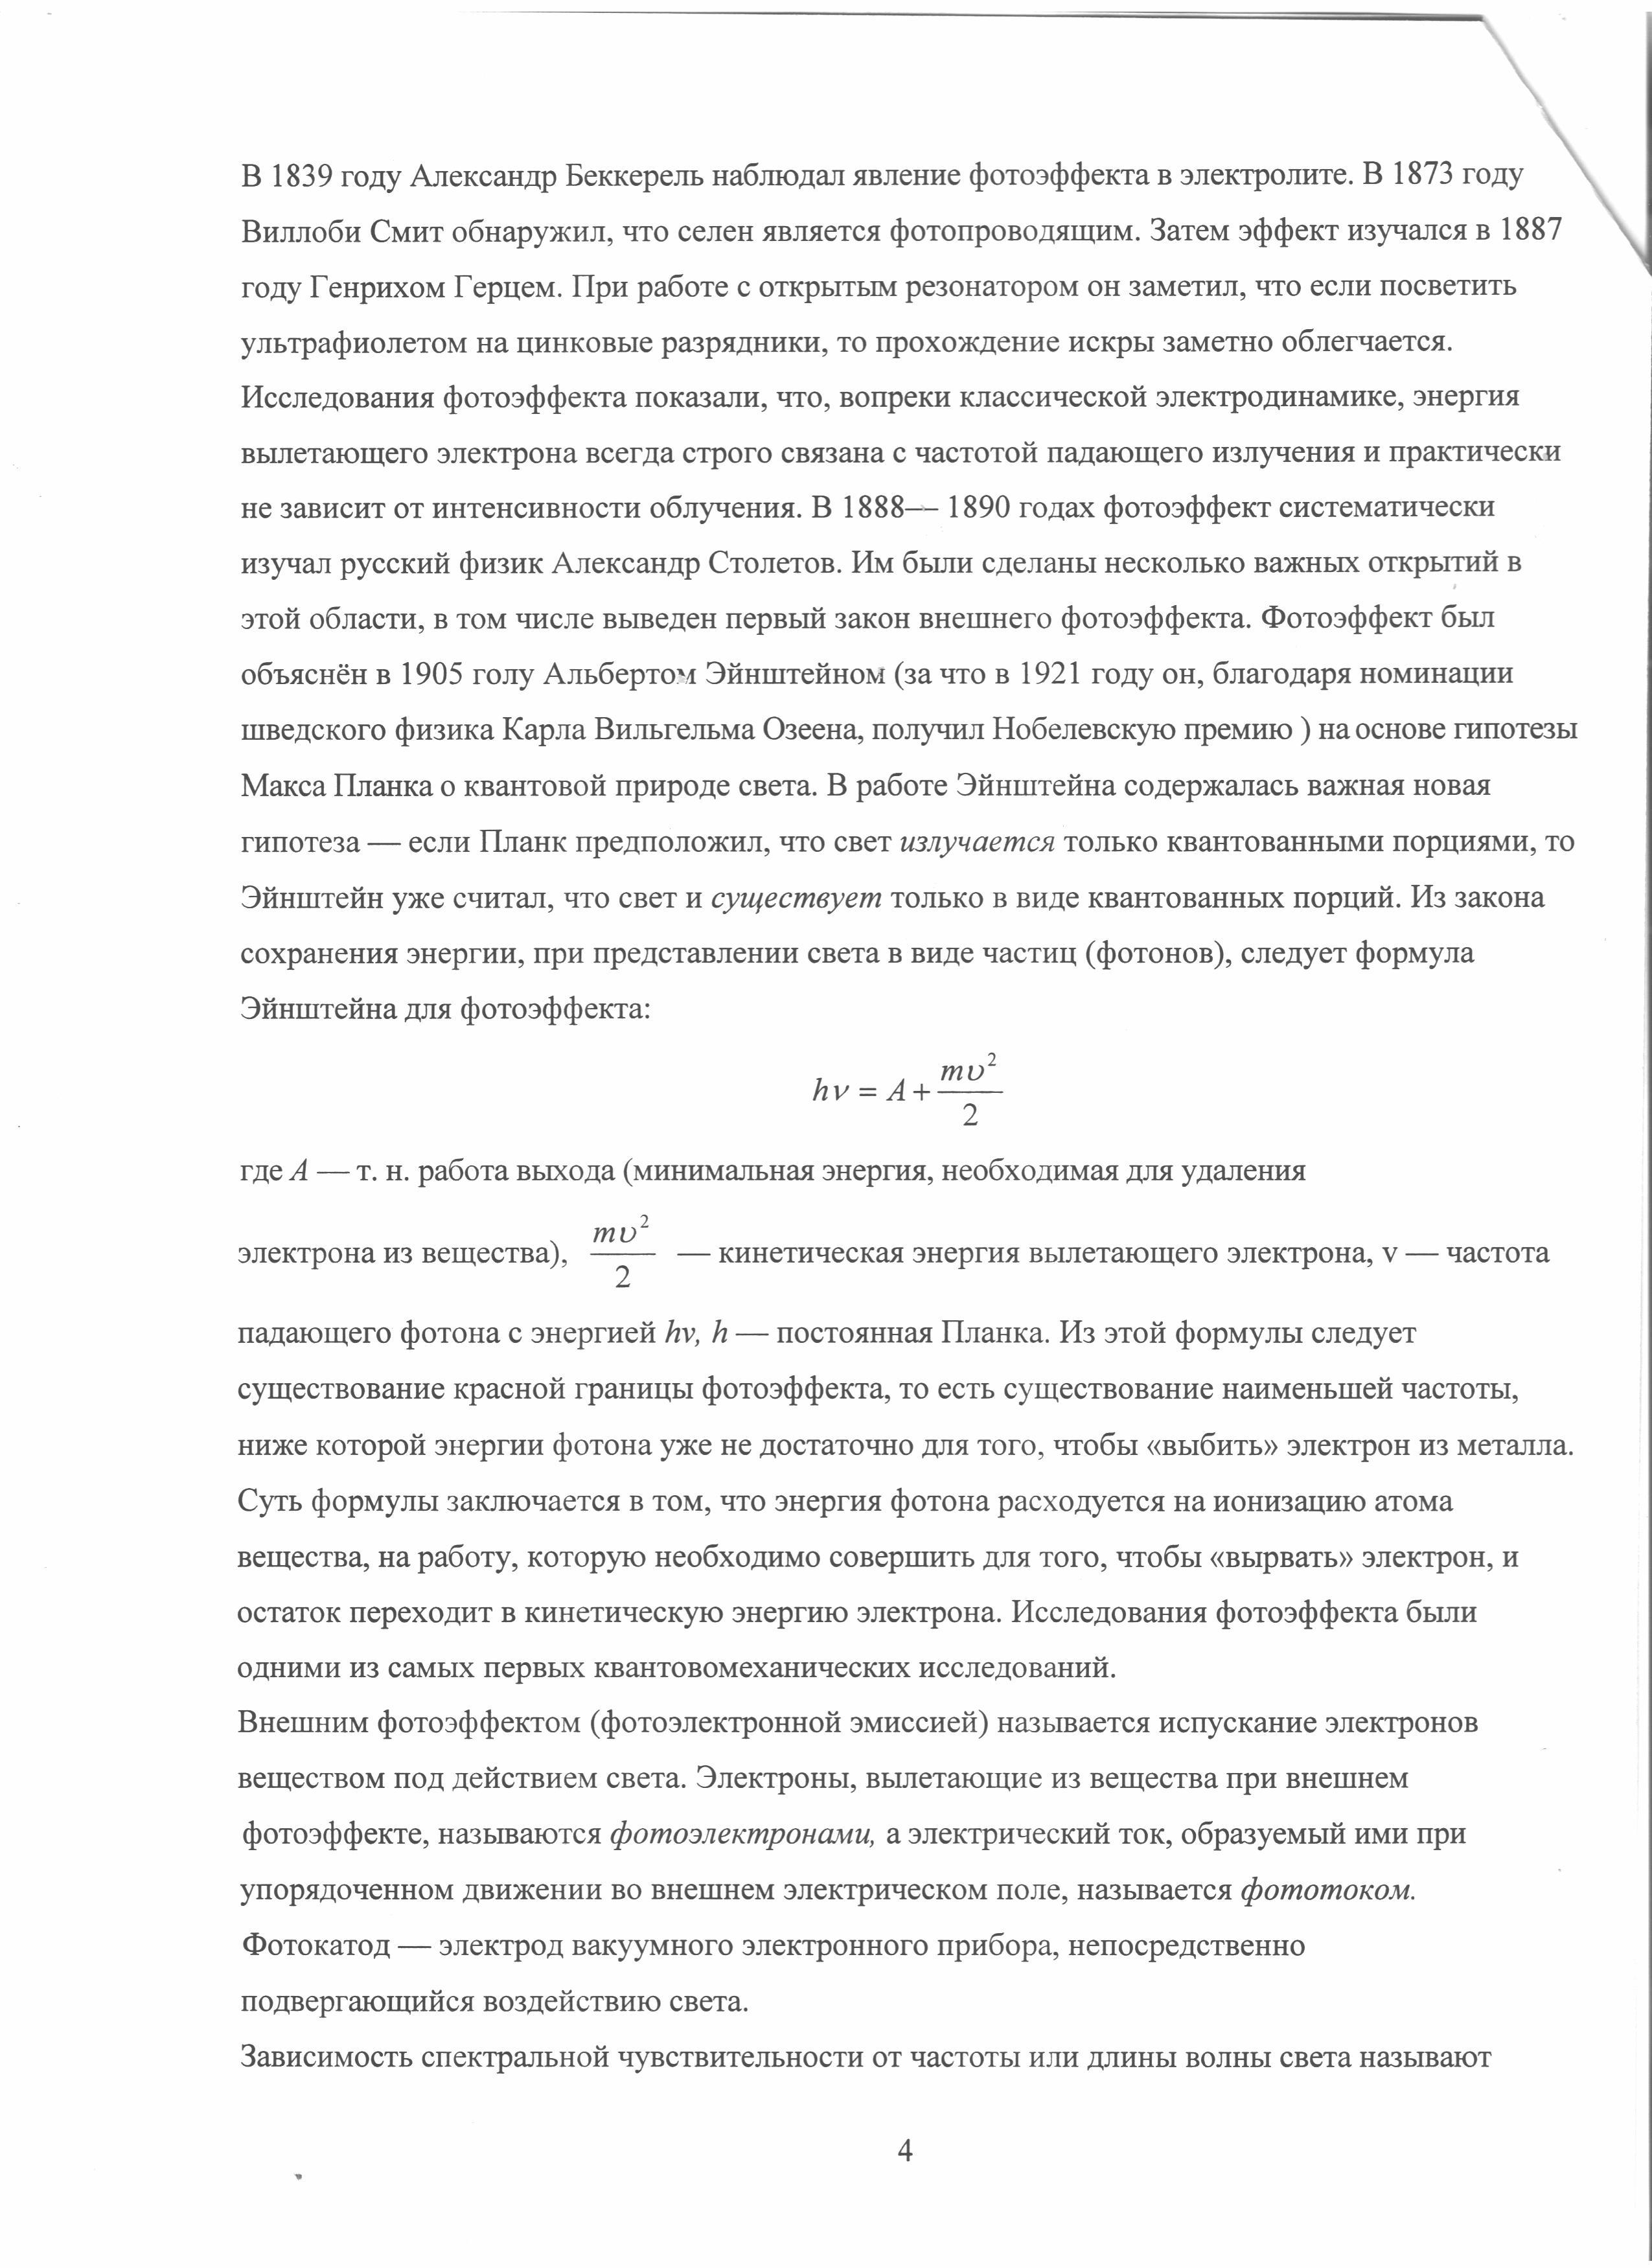 F:\диагностика\Сангаджиев В.Н\2015-09-28\019.tif